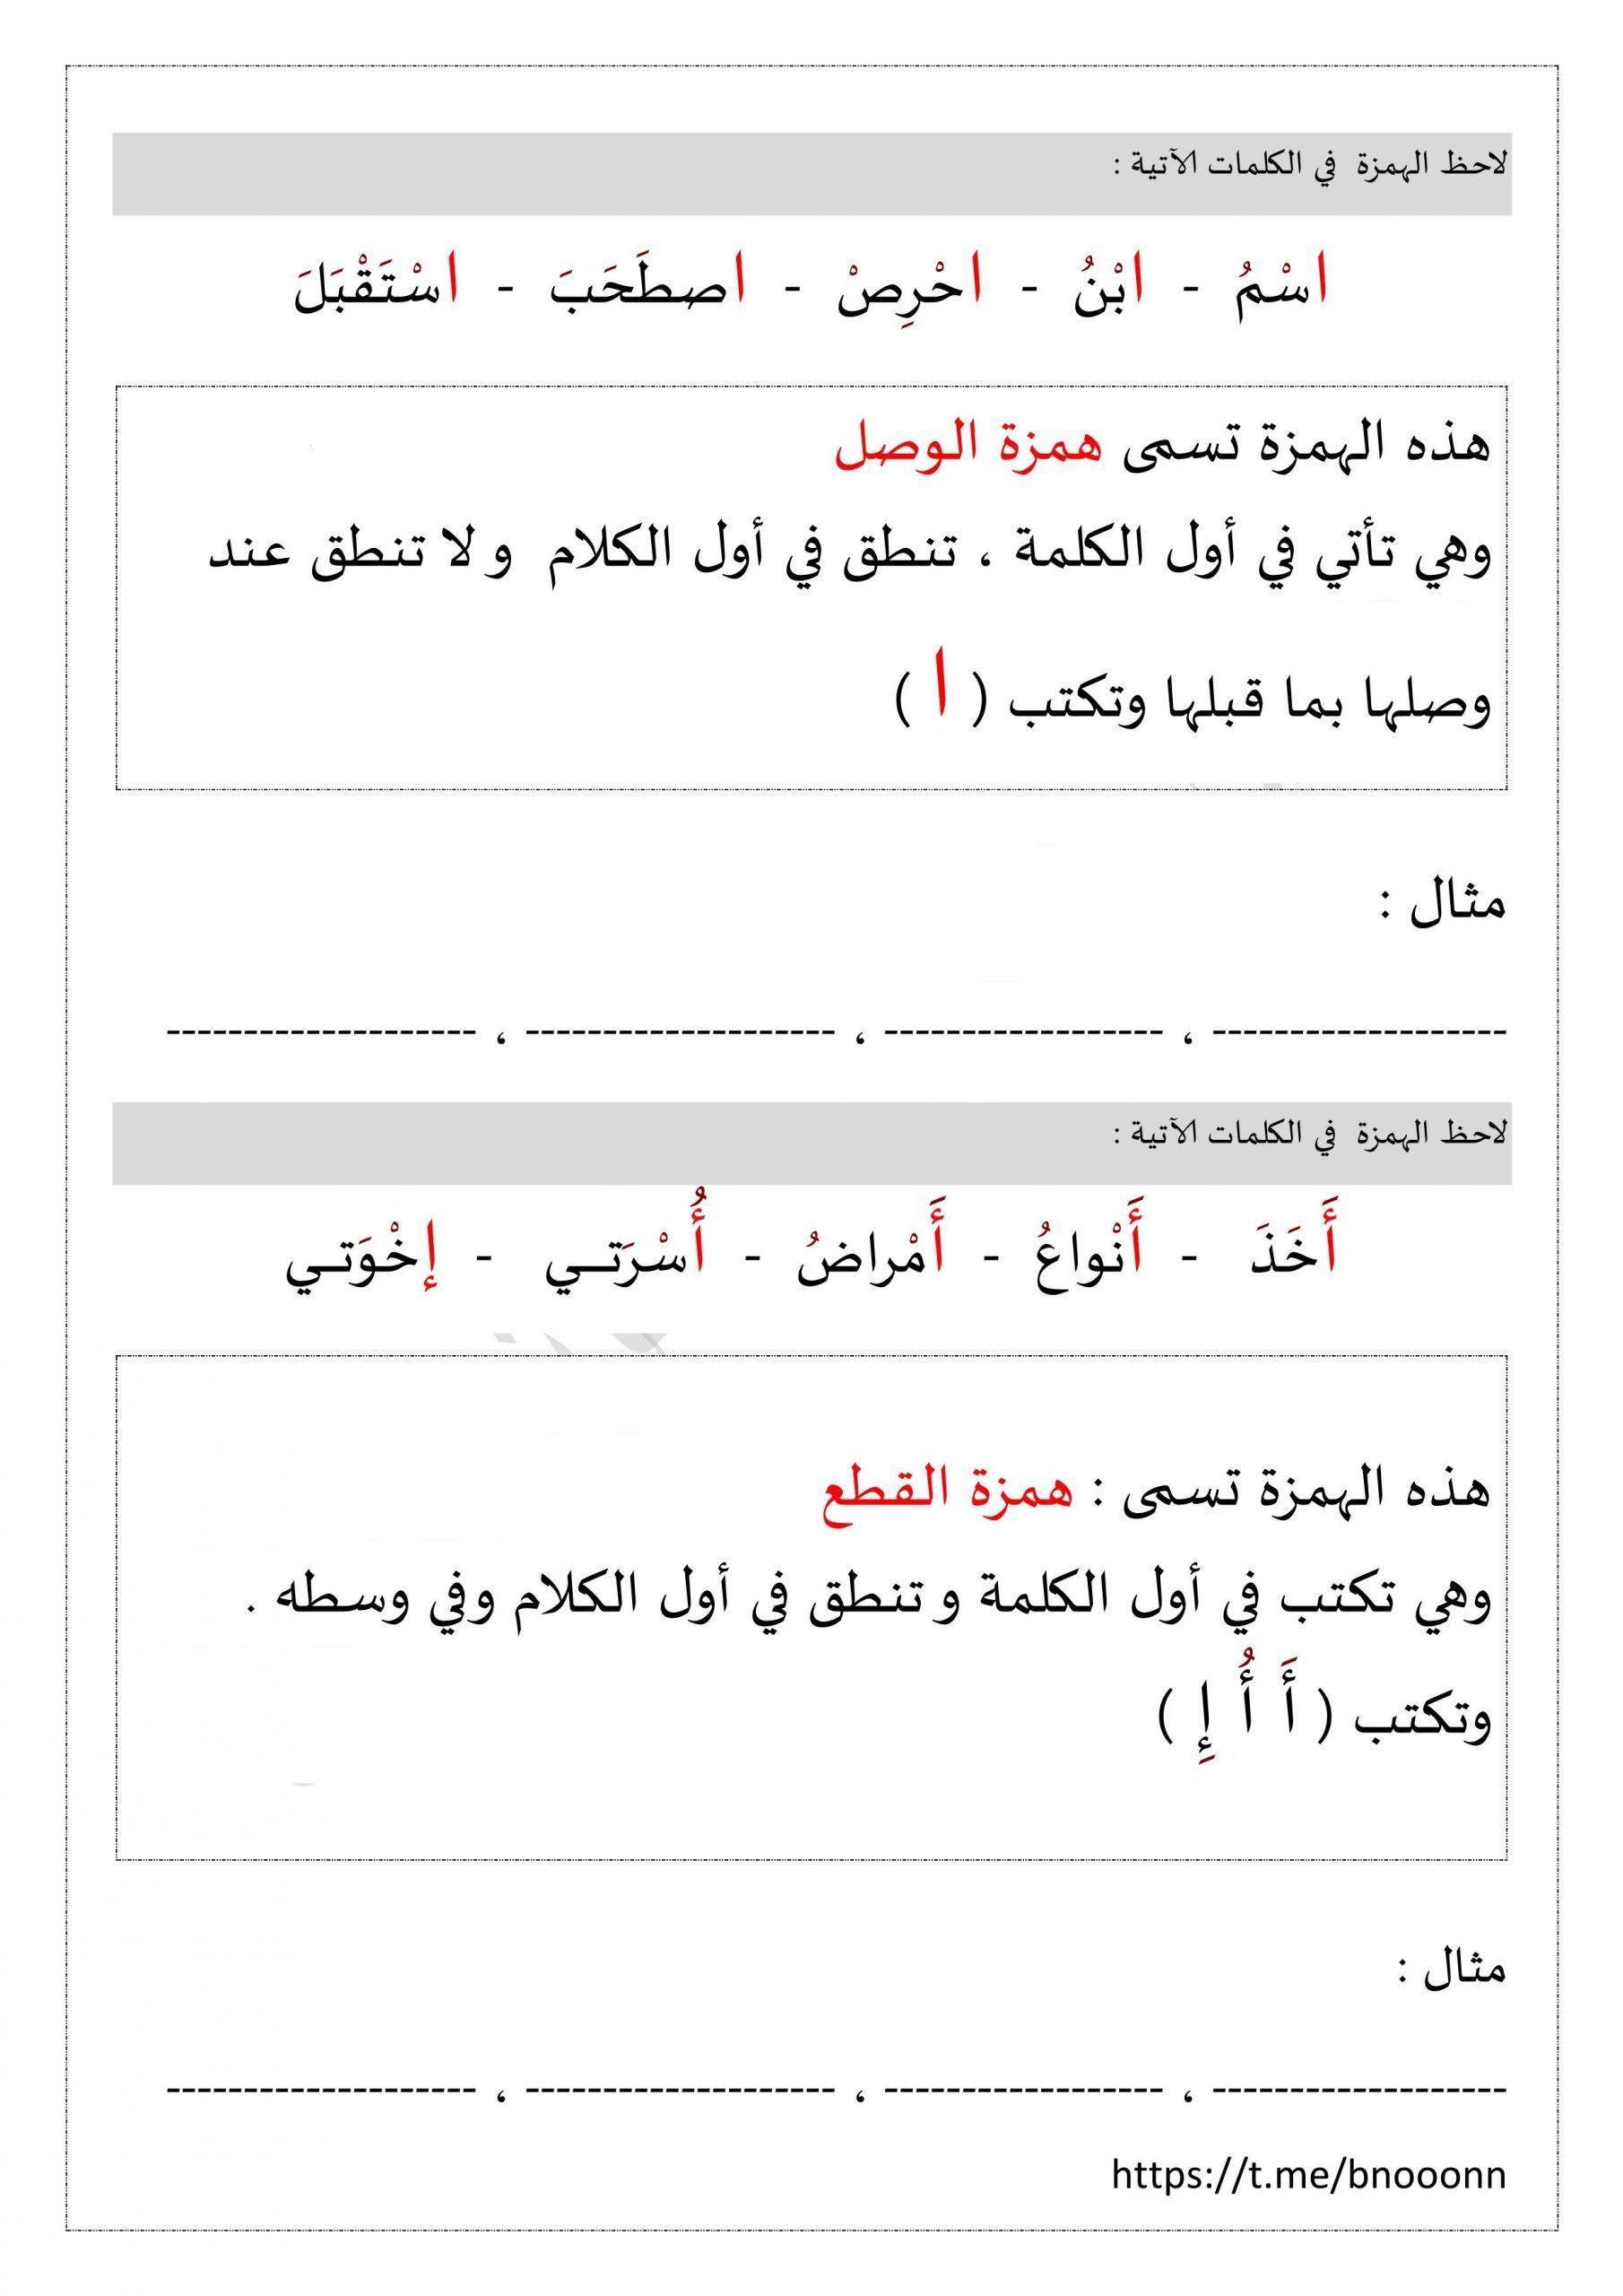 اوراق عمل همزة القطع وهمزة الوصل للصف الثالث مادة اللغة العربية Math Chart Math Equations